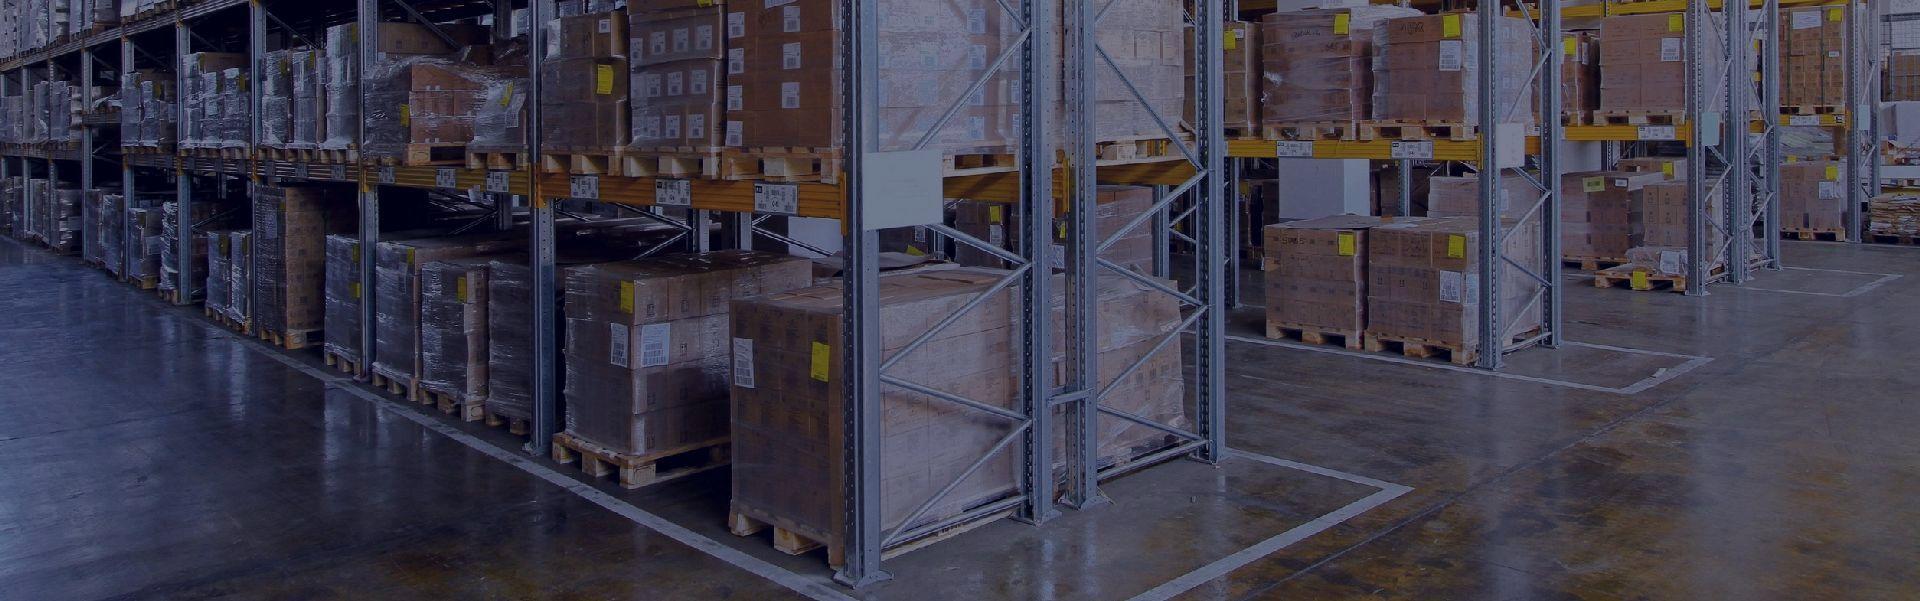 Complessi servizi logistici sotto un unico tetto